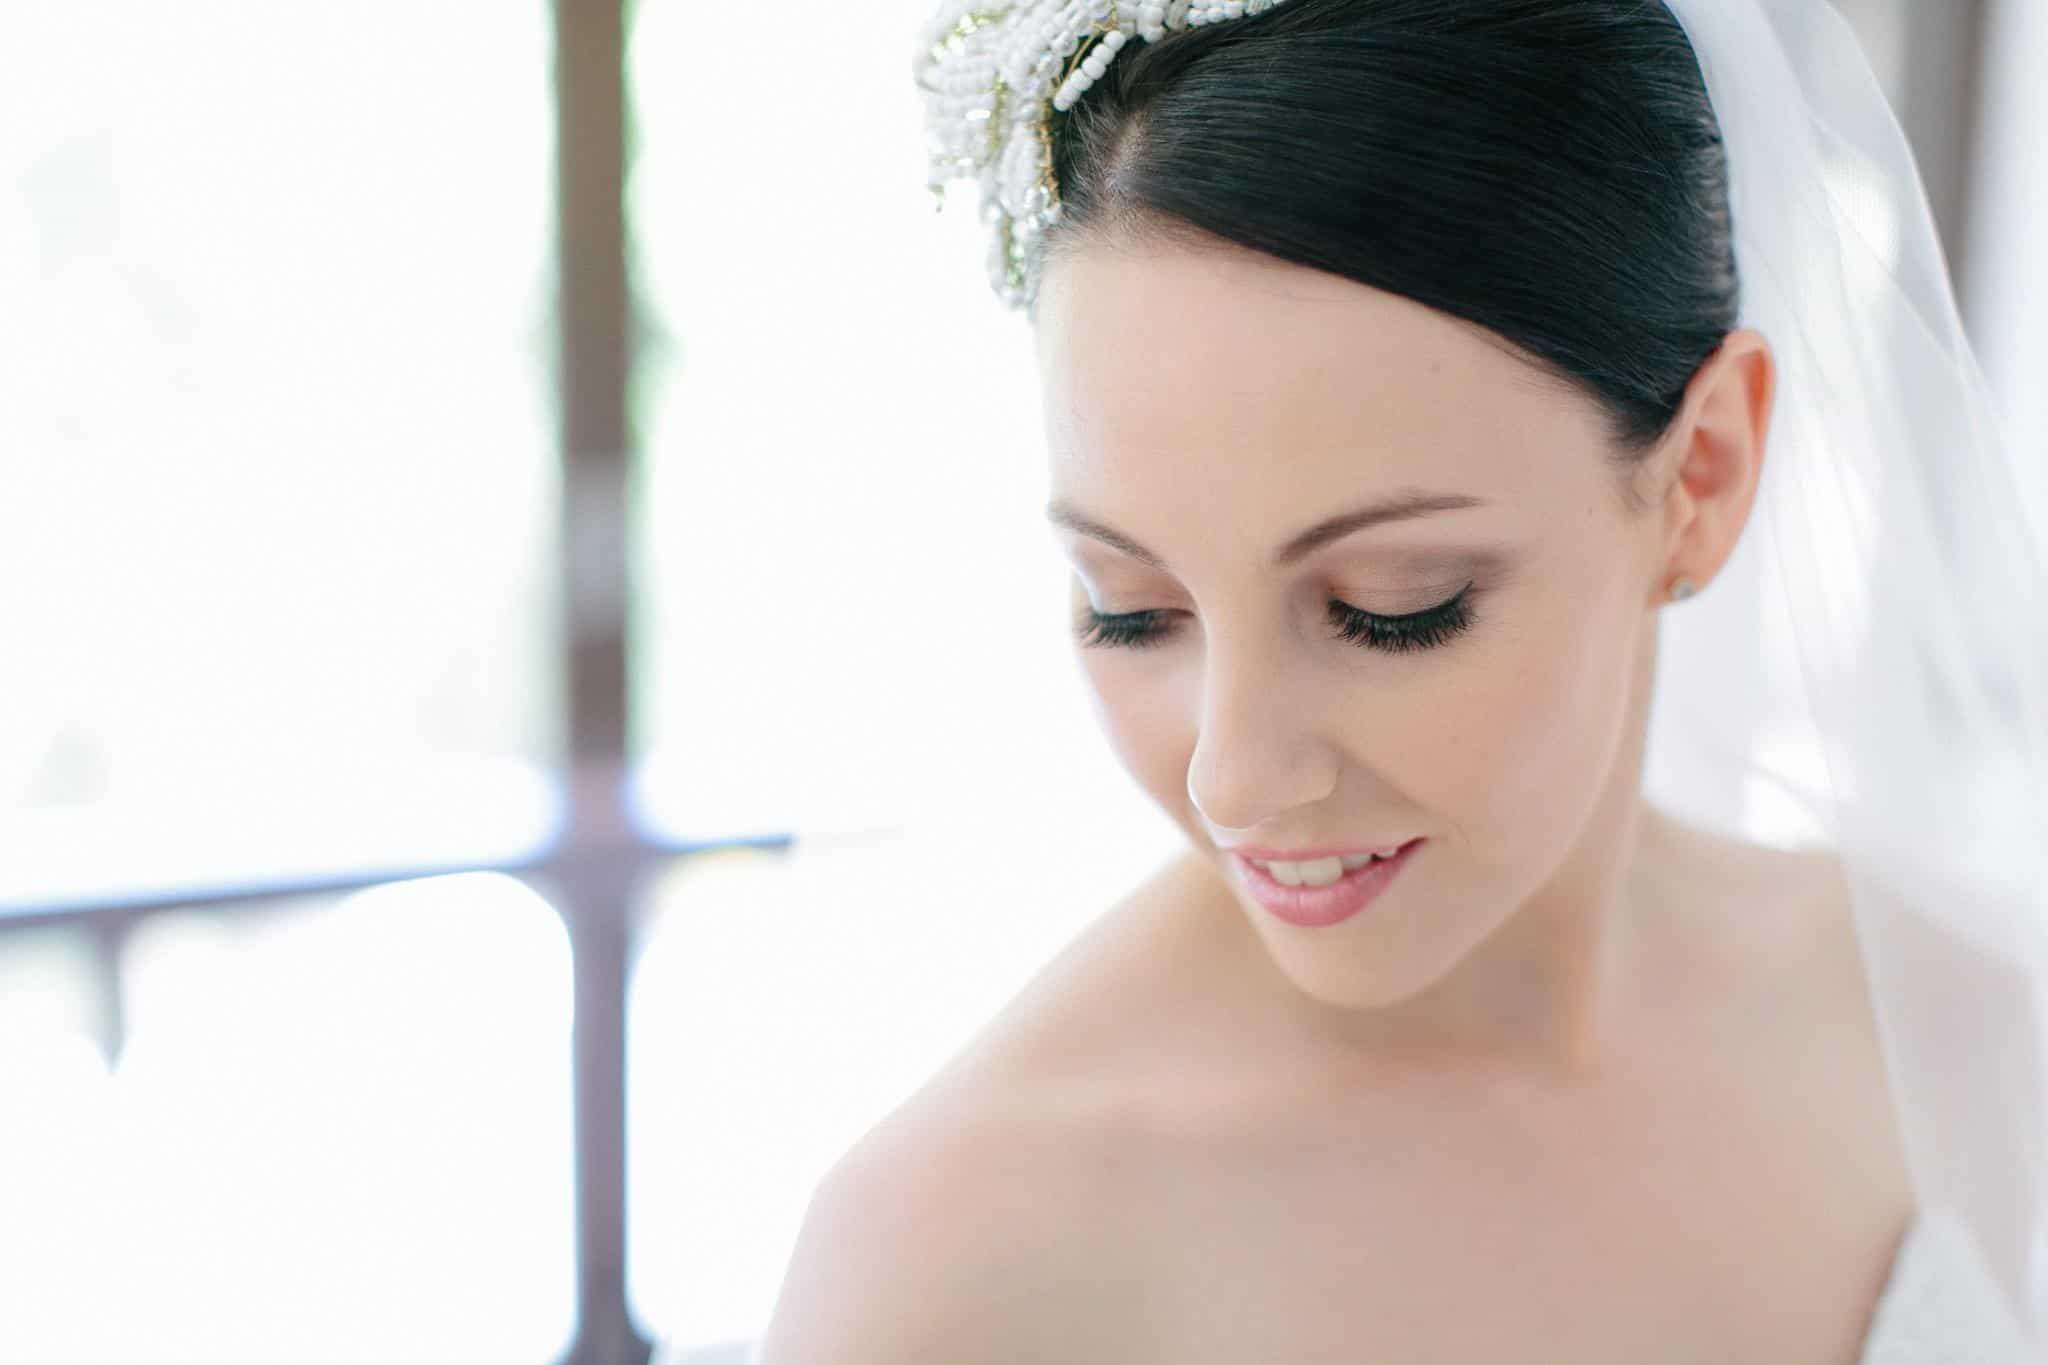 بشرة نظيفة قبل زفافك